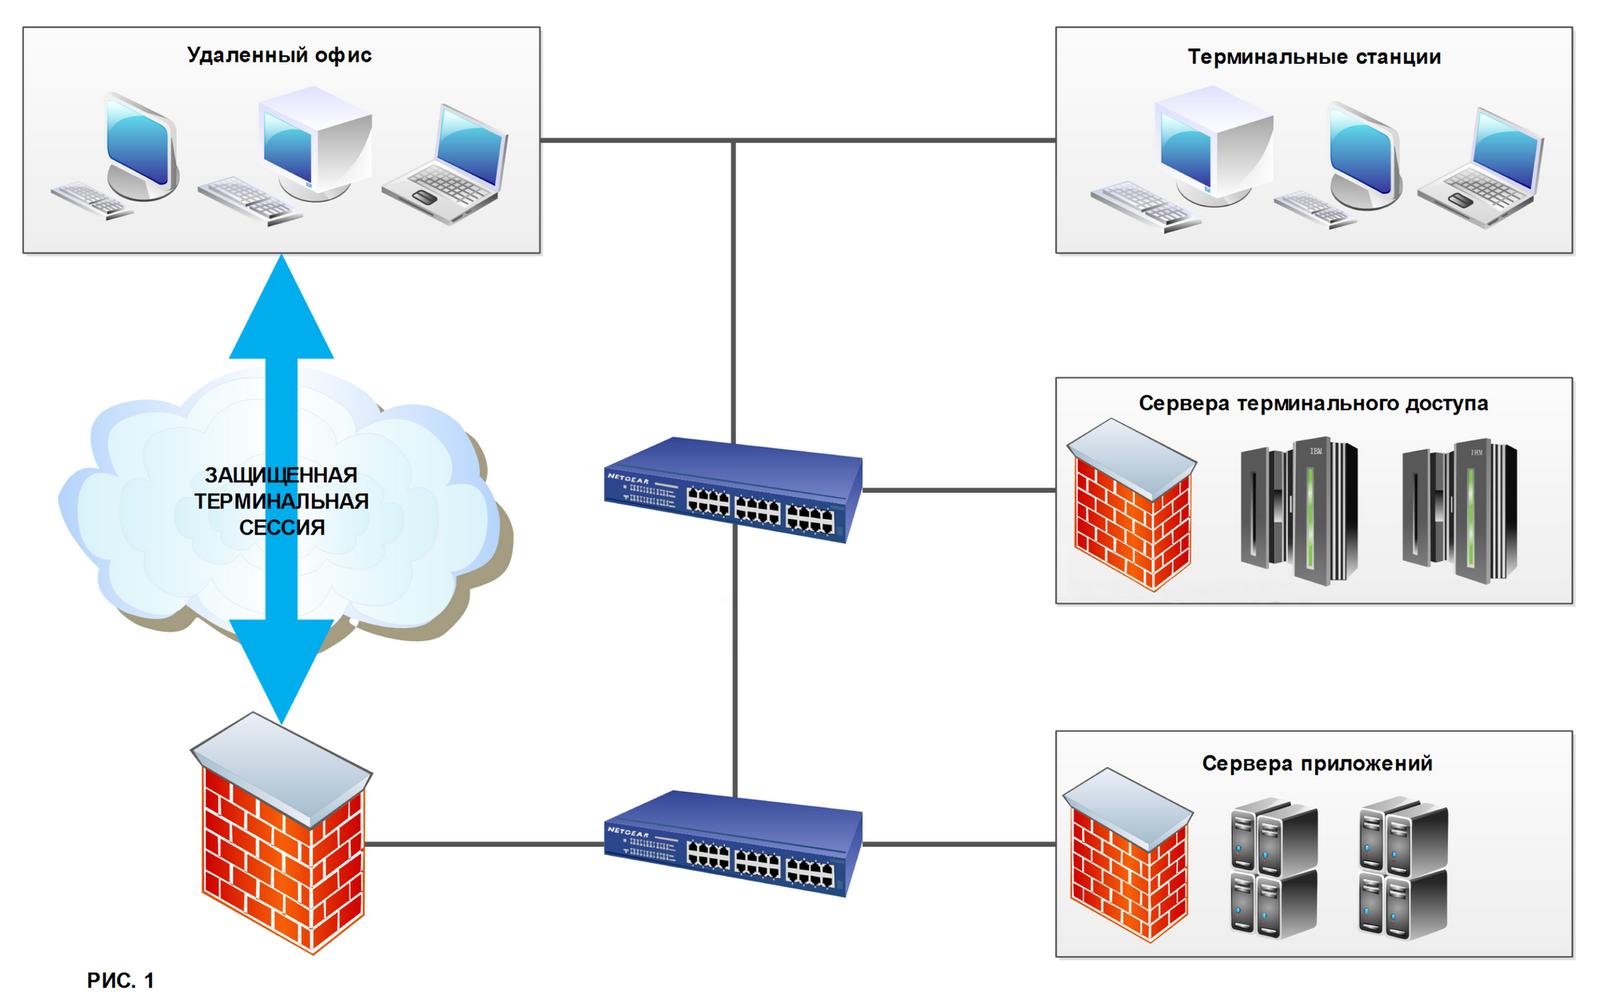 структурная схема современного персонального компьютера